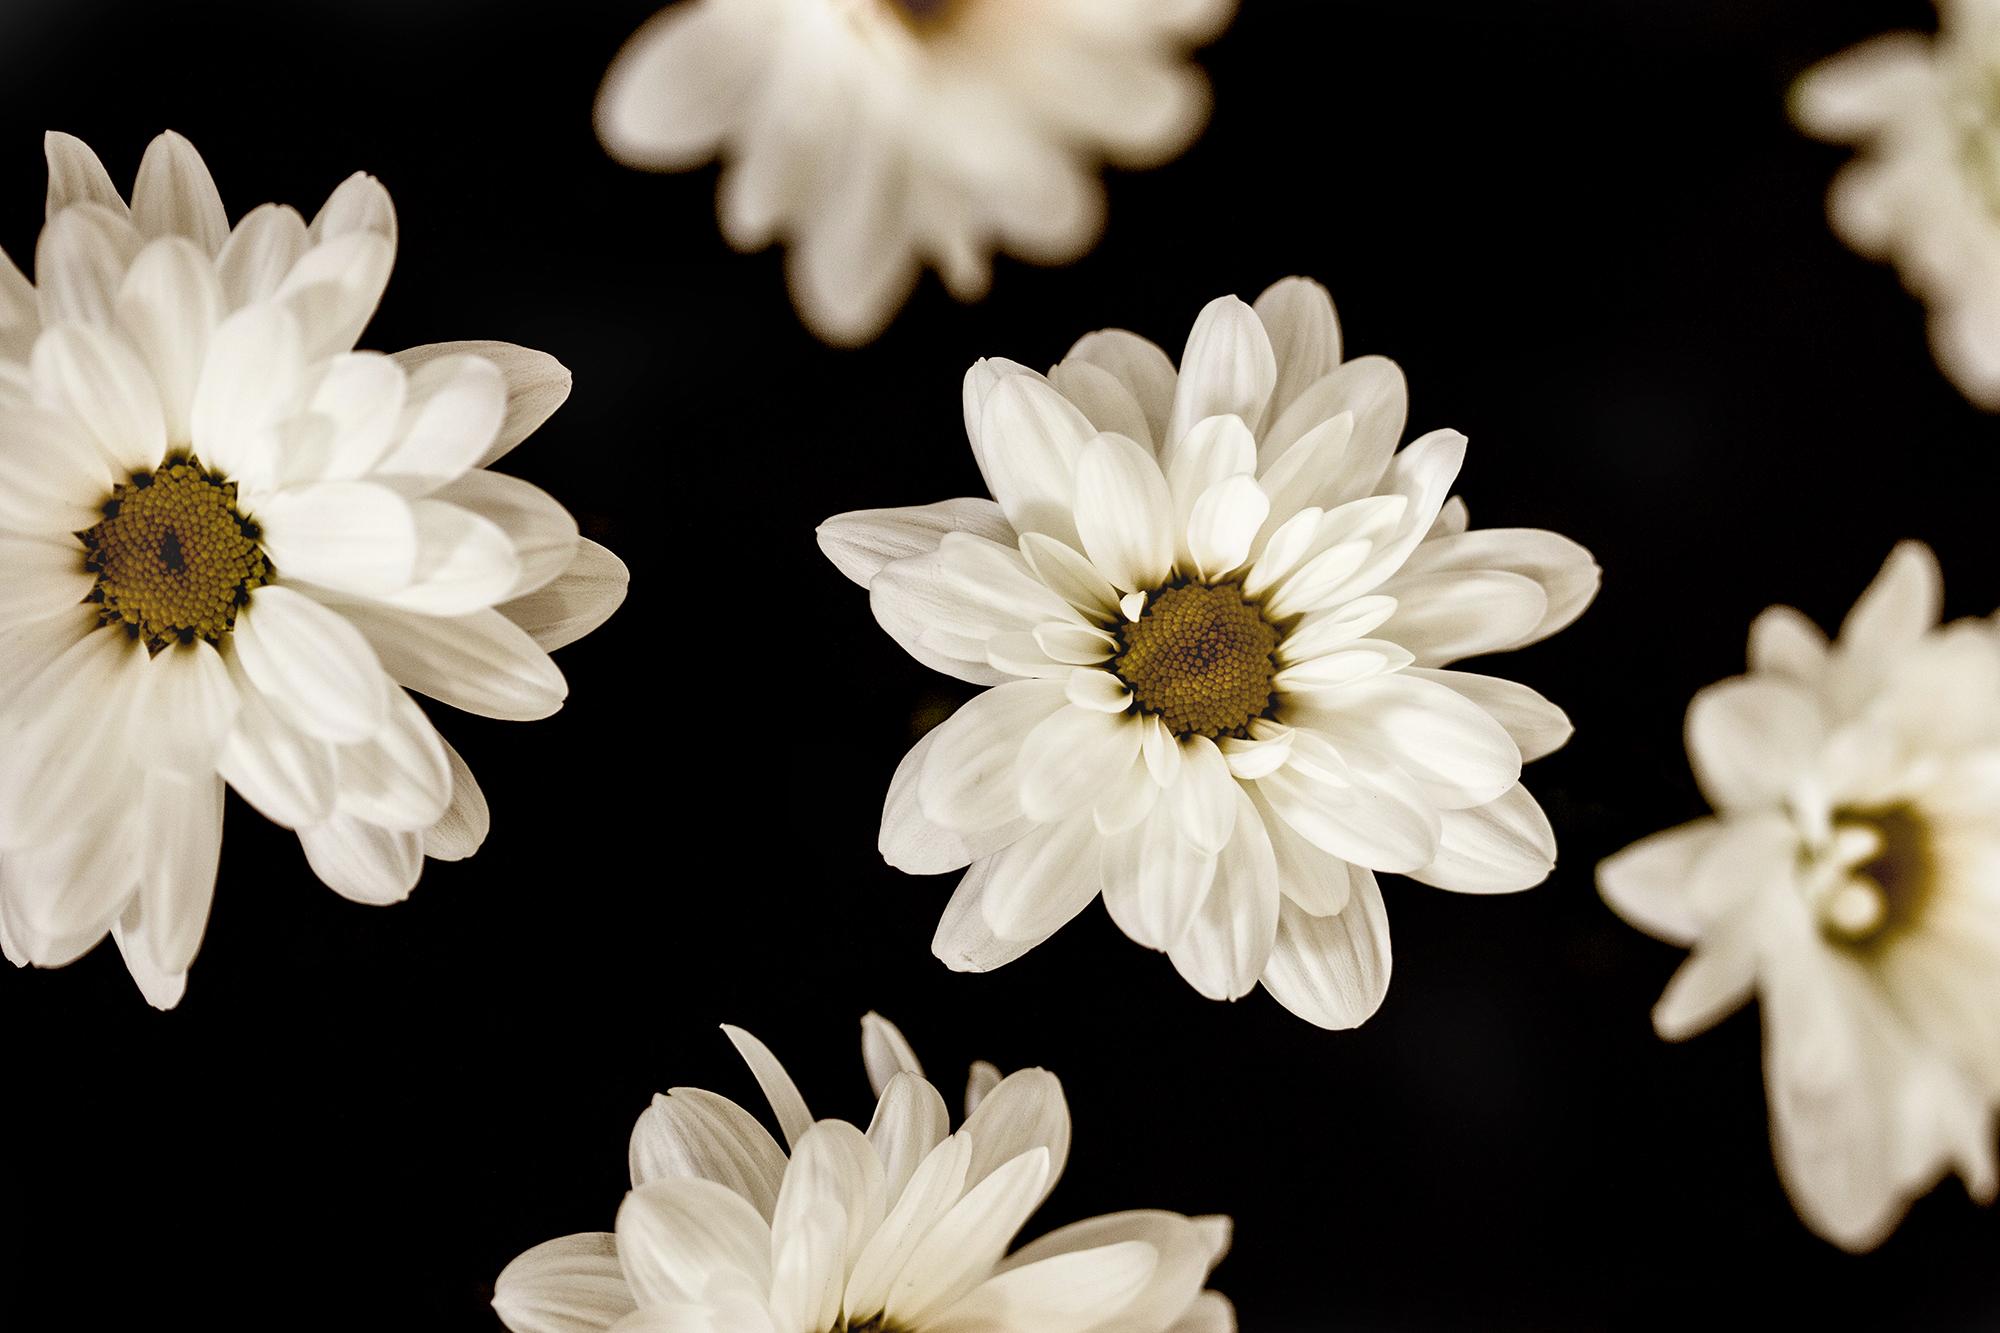 Fleur02 site Cecile Site Size